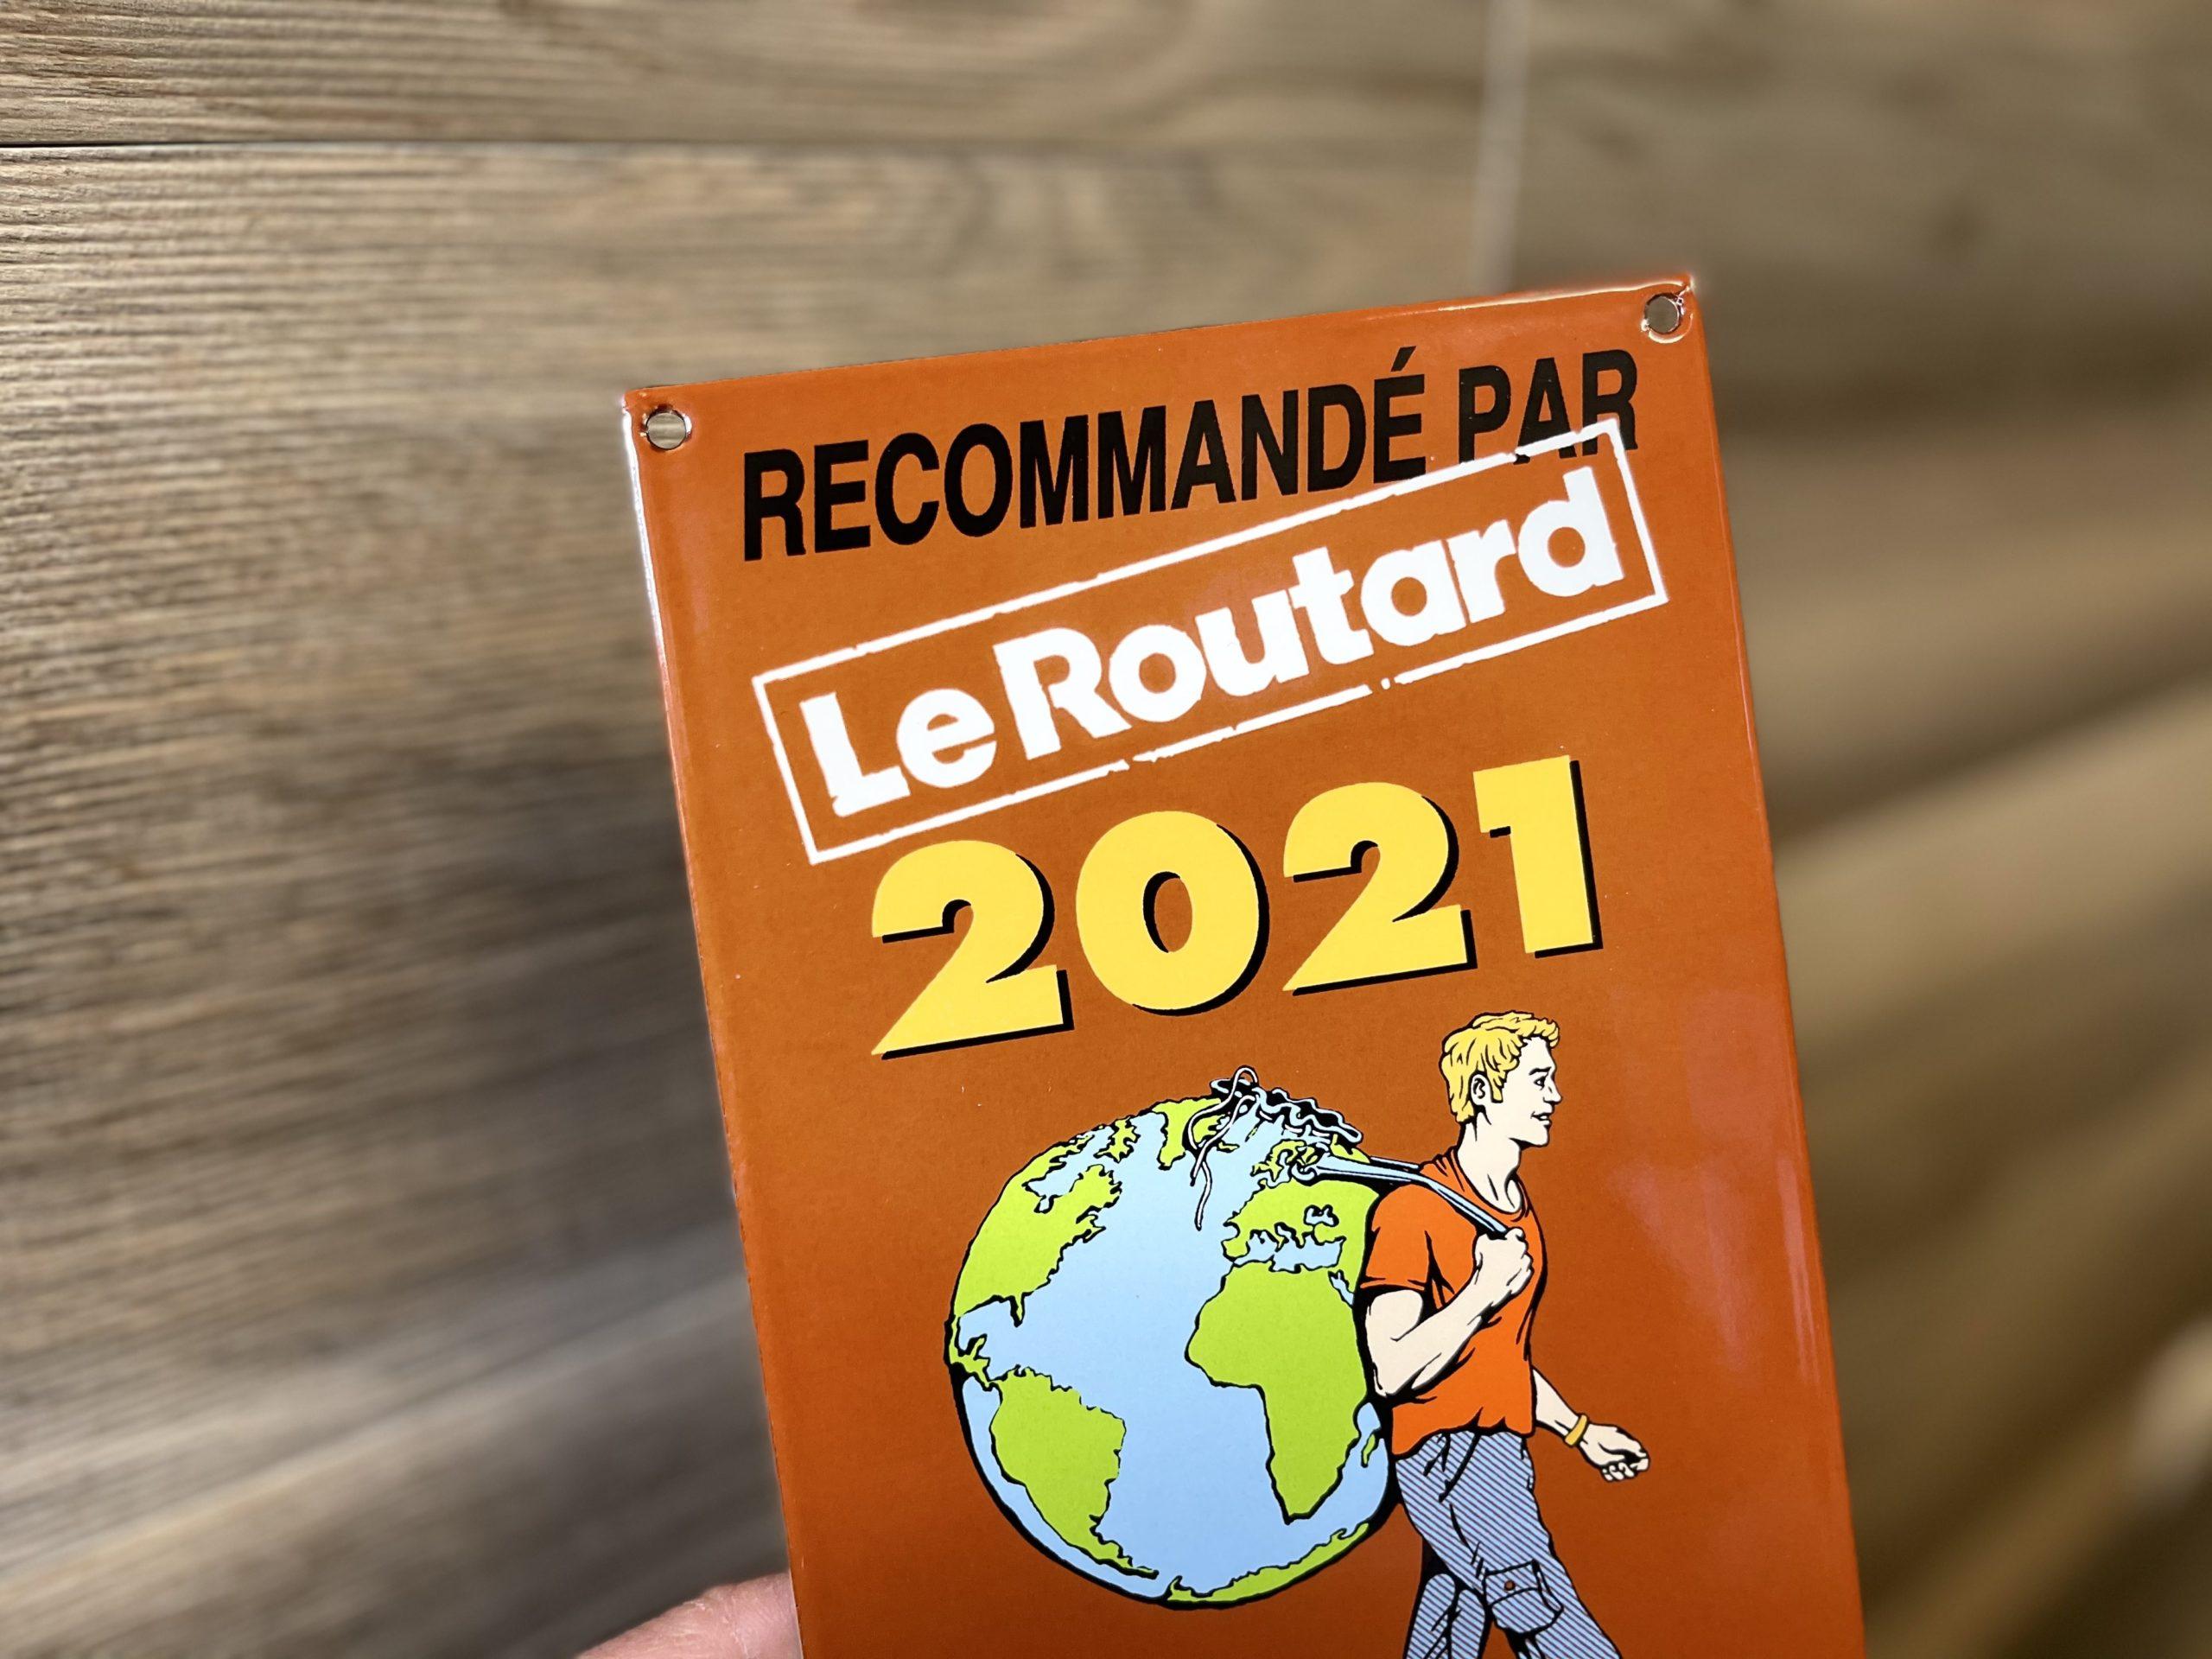 Routard 2021 Camping à la Ferme Le Mandriale à Cargese, Corse-du-Sud